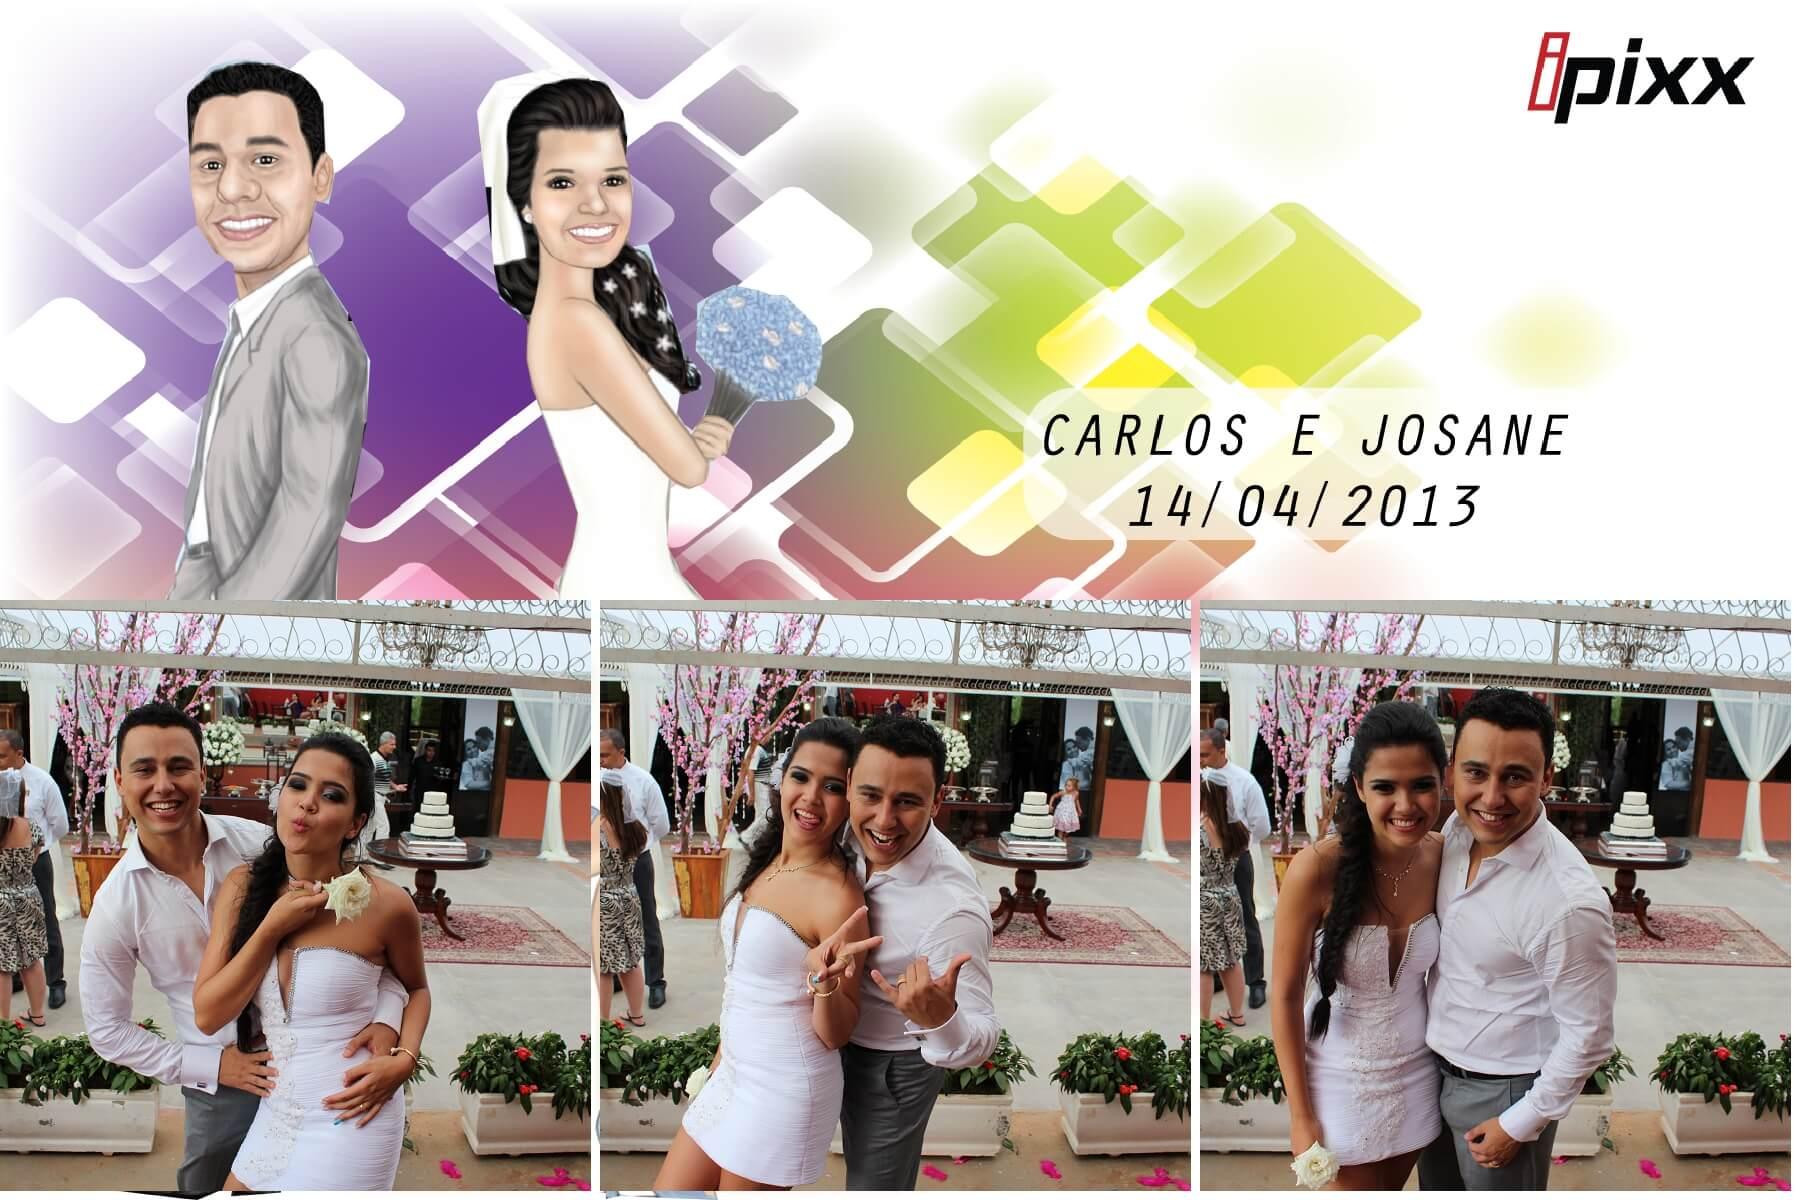 CABINE DE FOTO IPIXX BH TOTEM CASAMENTO